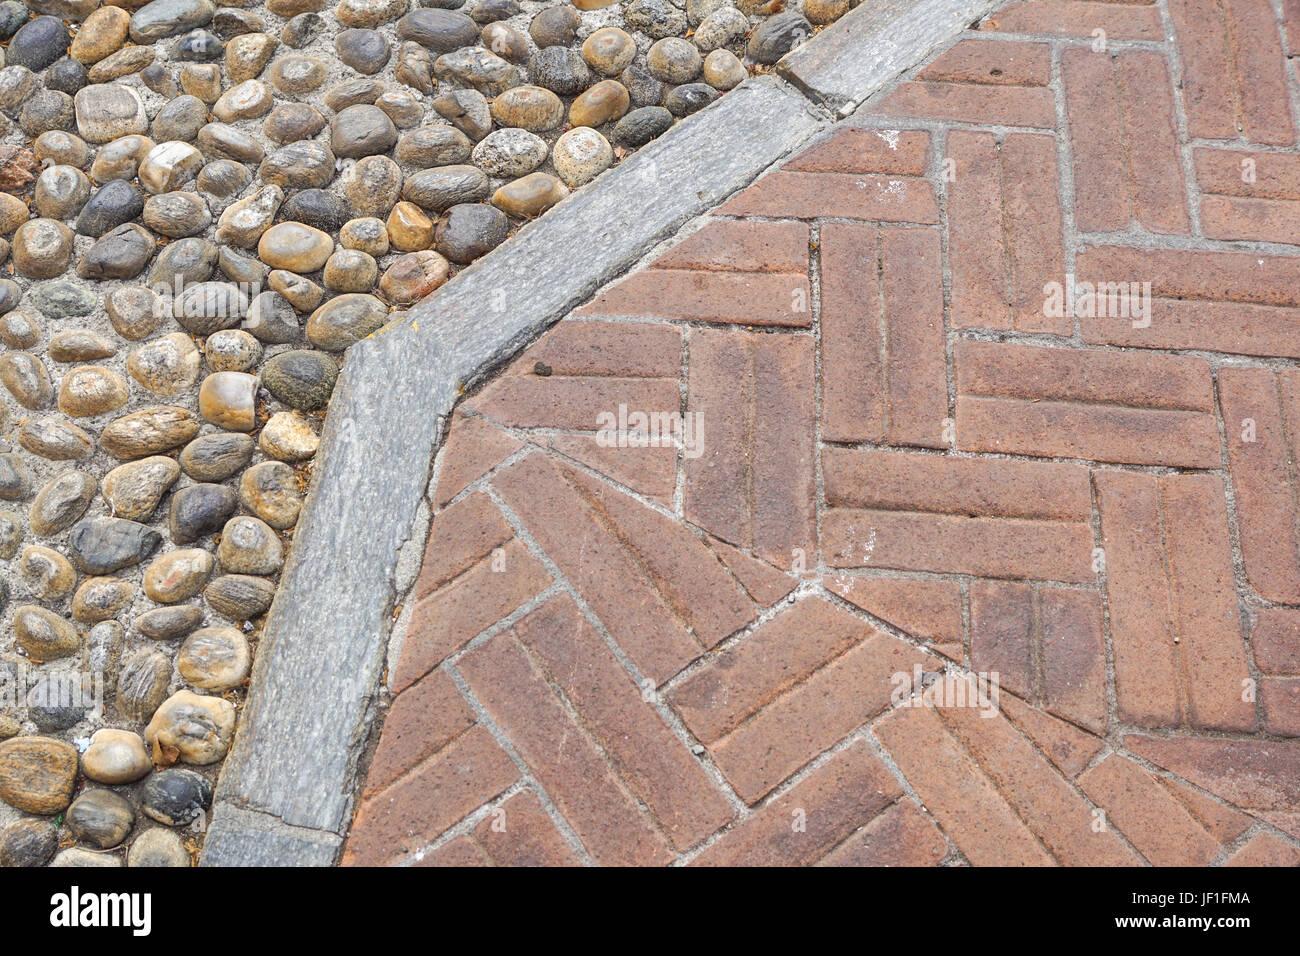 Progettazione pavimento con piastrelle in terrazza e ghiaia